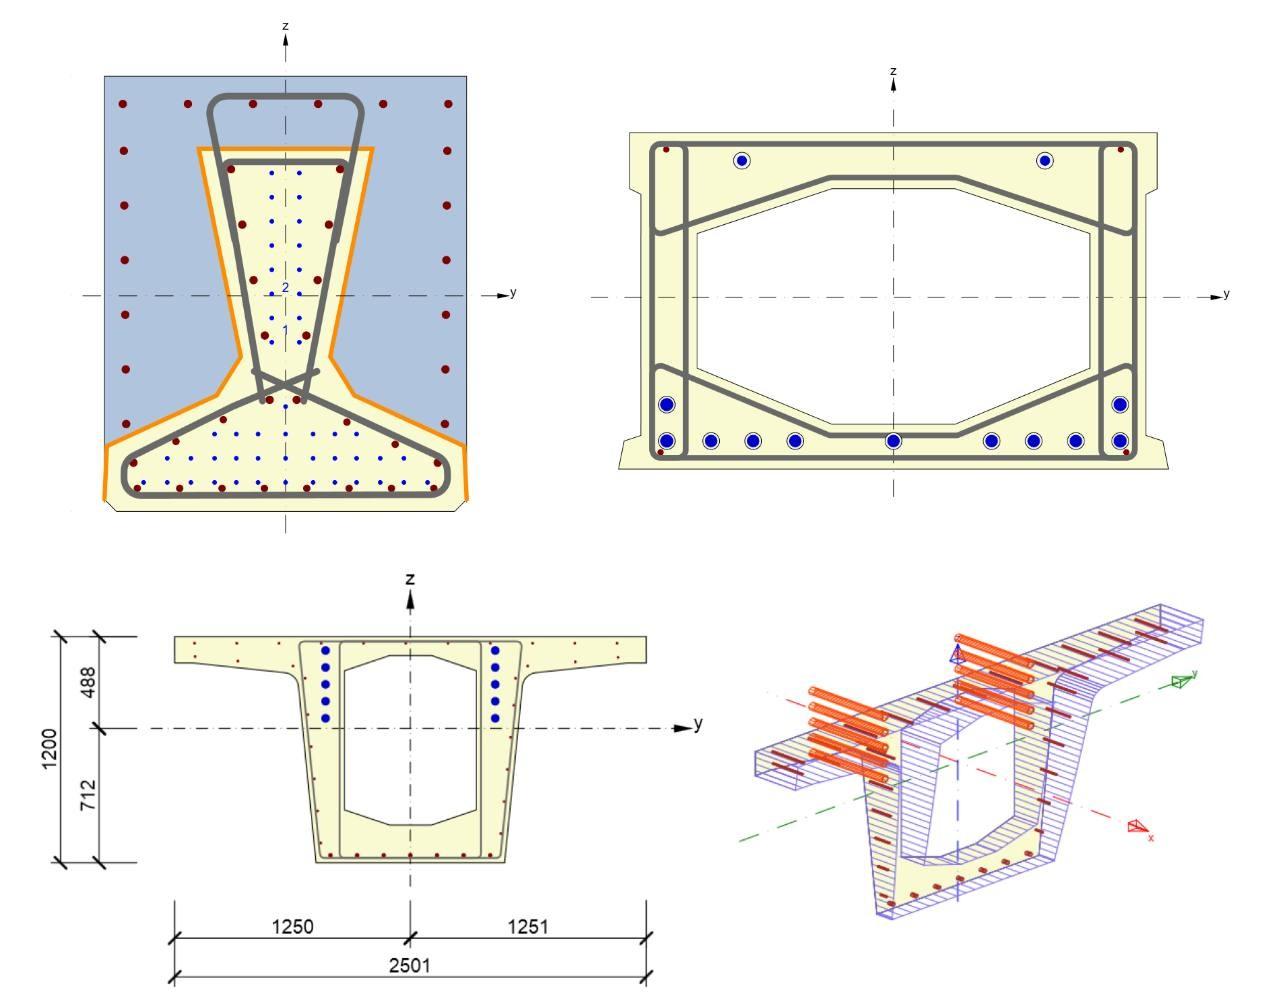 IDEA StatiCa Concrete - bridge complex cross sections